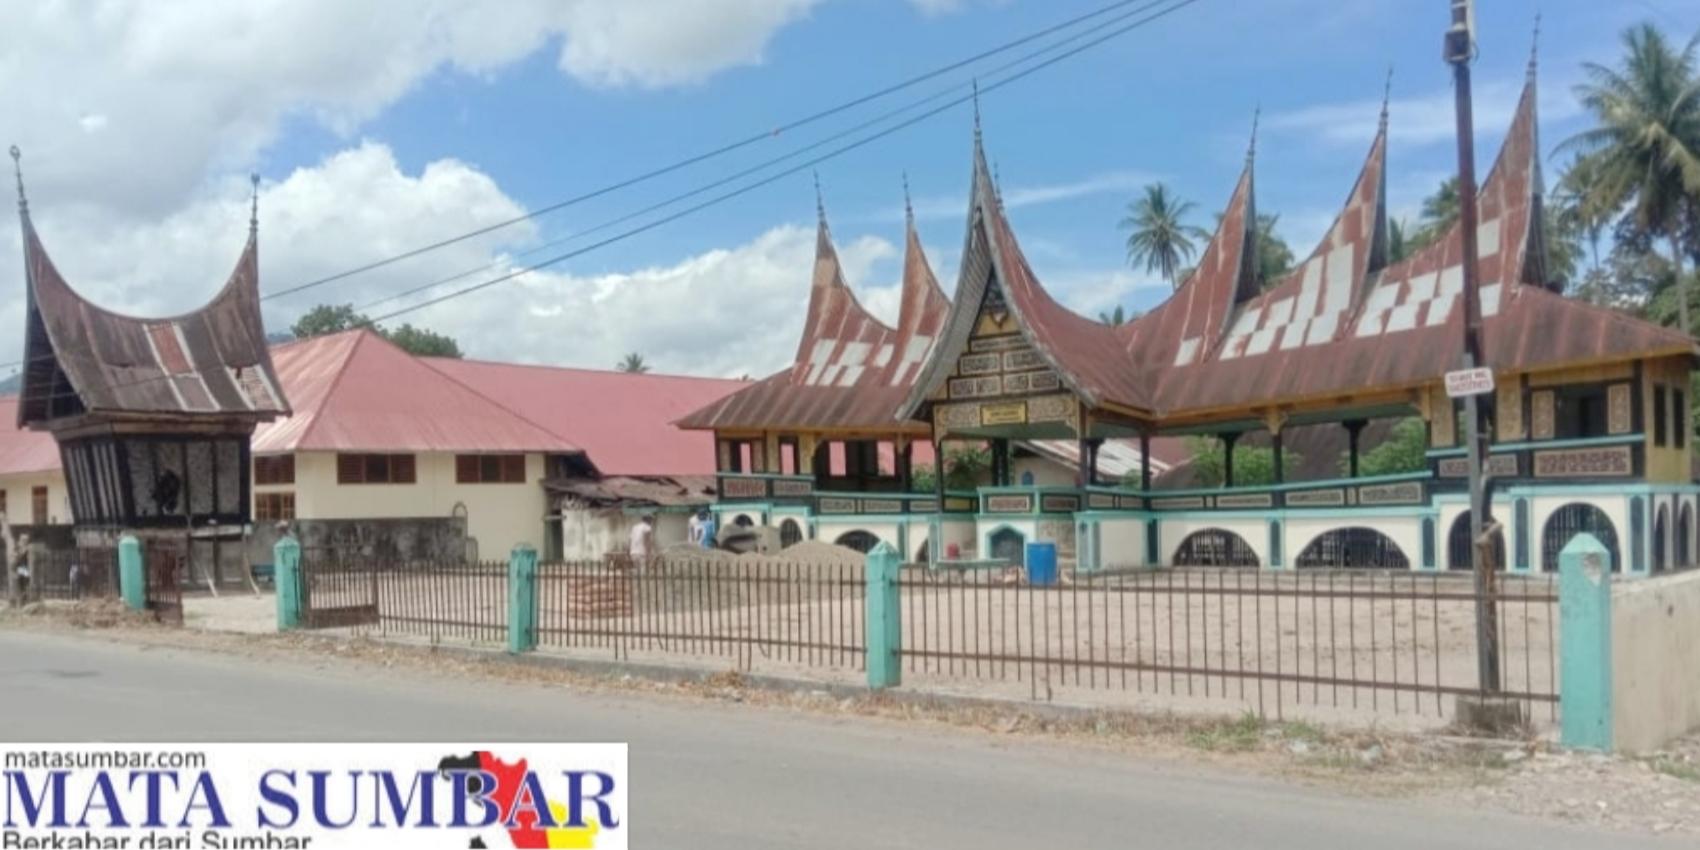 Lestarikan Adat dan Budaya, Ninik Mamak Nagari Limbanang Rehab Balai Adat